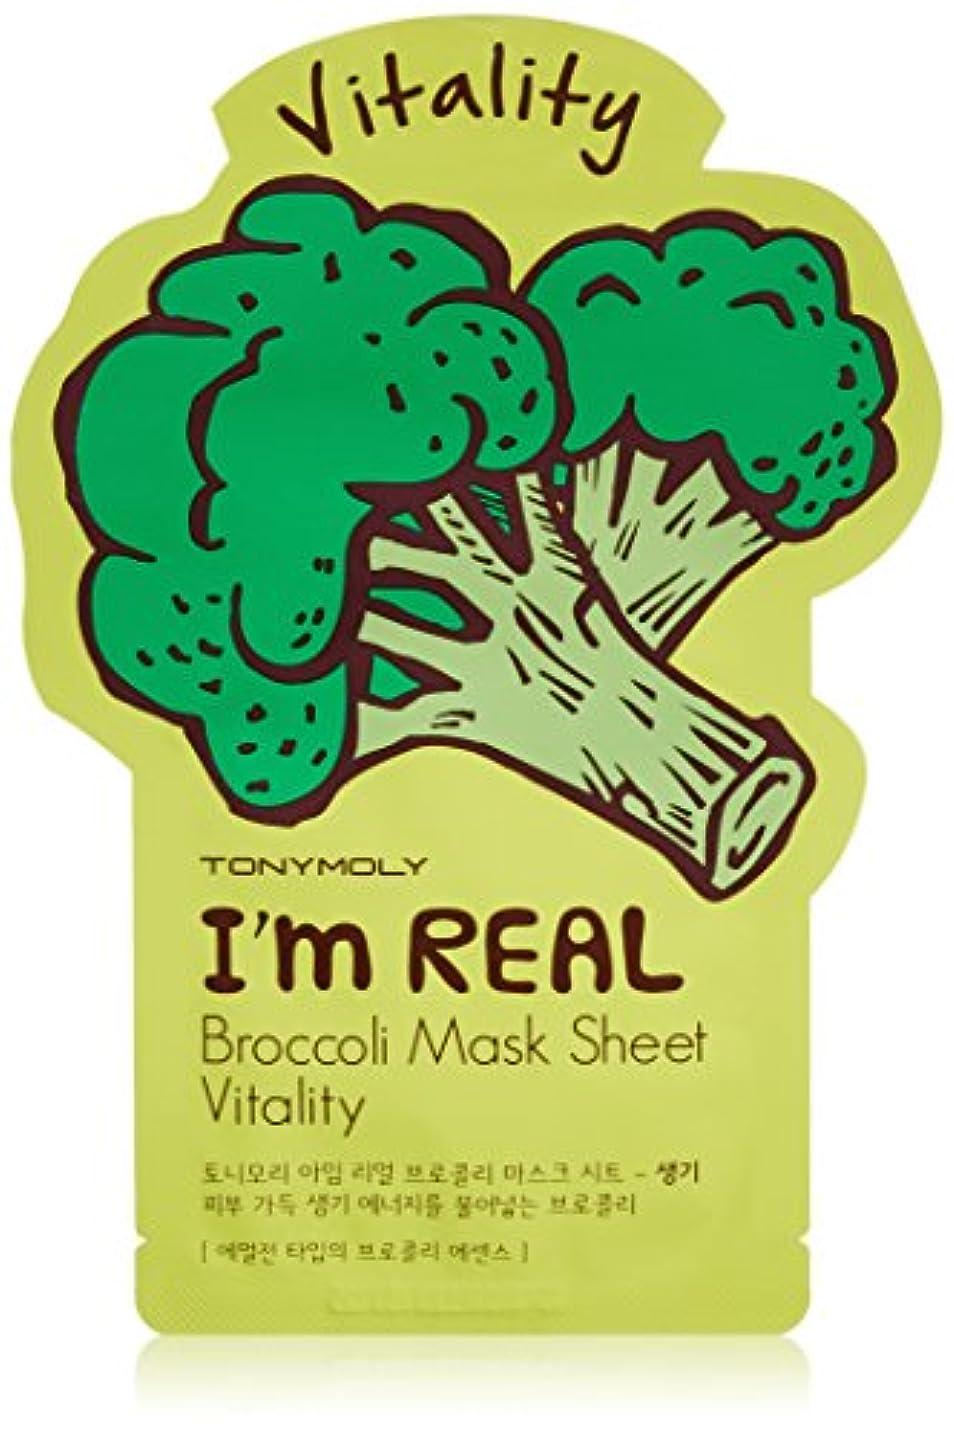 クライマックススカープ検体トニーモリー I'm Real Mask Sheet - Broccoli - Vitality 10x21ml/0.71oz